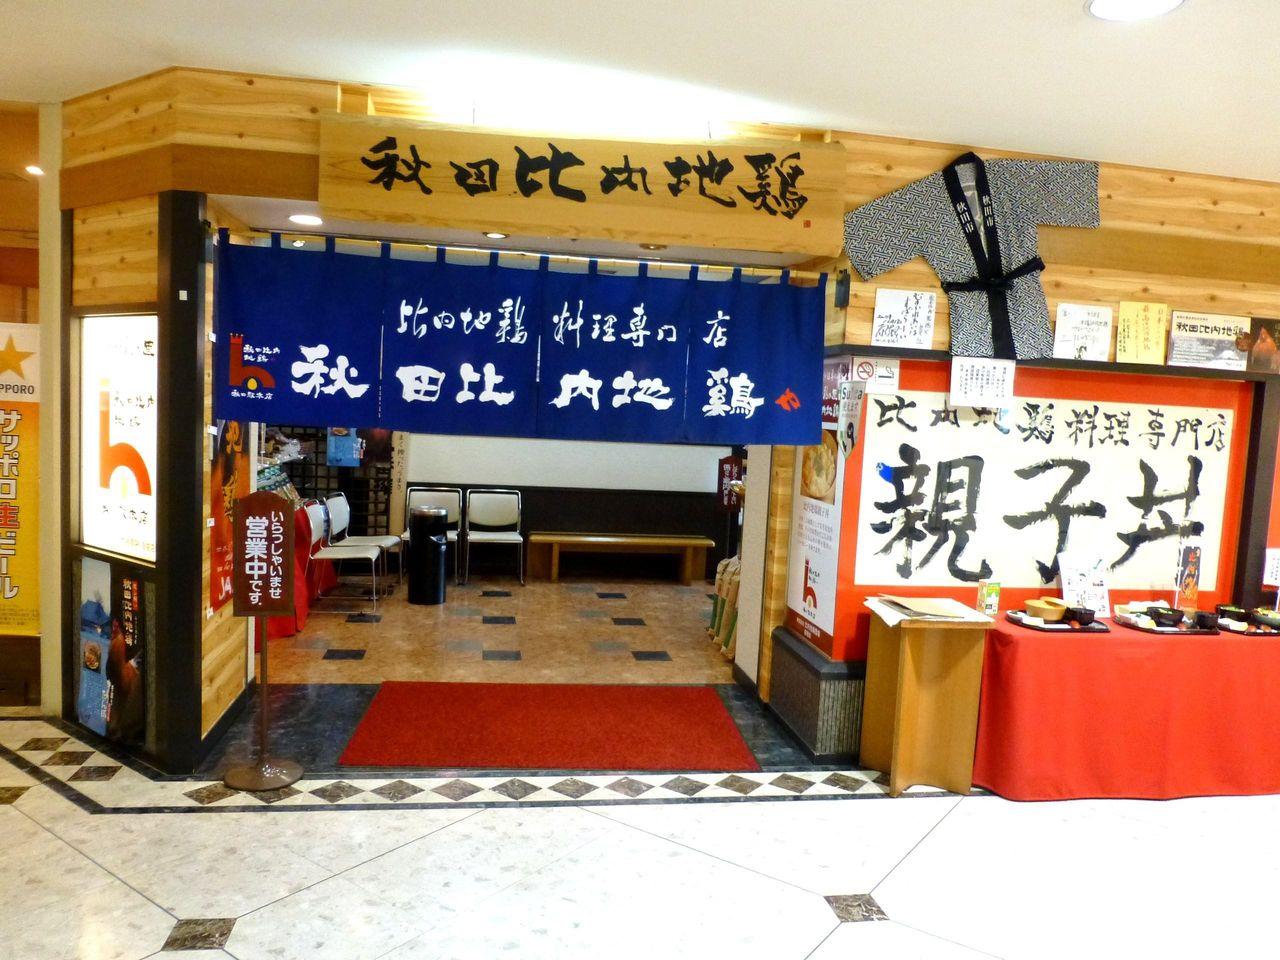 秋田駅ビルトピコ3階レストラン街にあります!